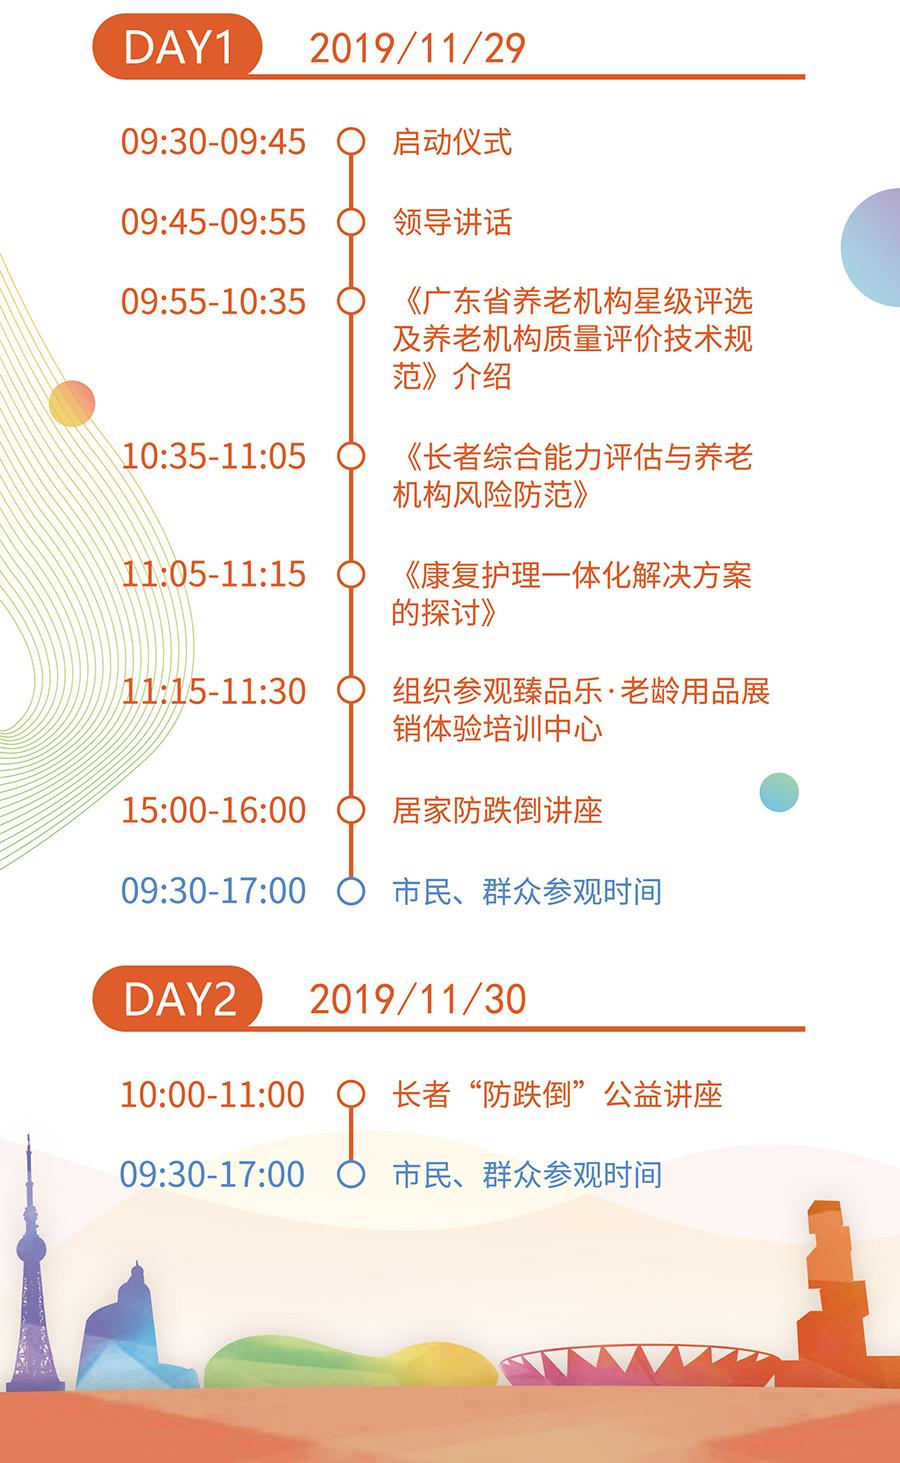 佛山市养老服务宣传推广展会参观攻略 (1).jpg